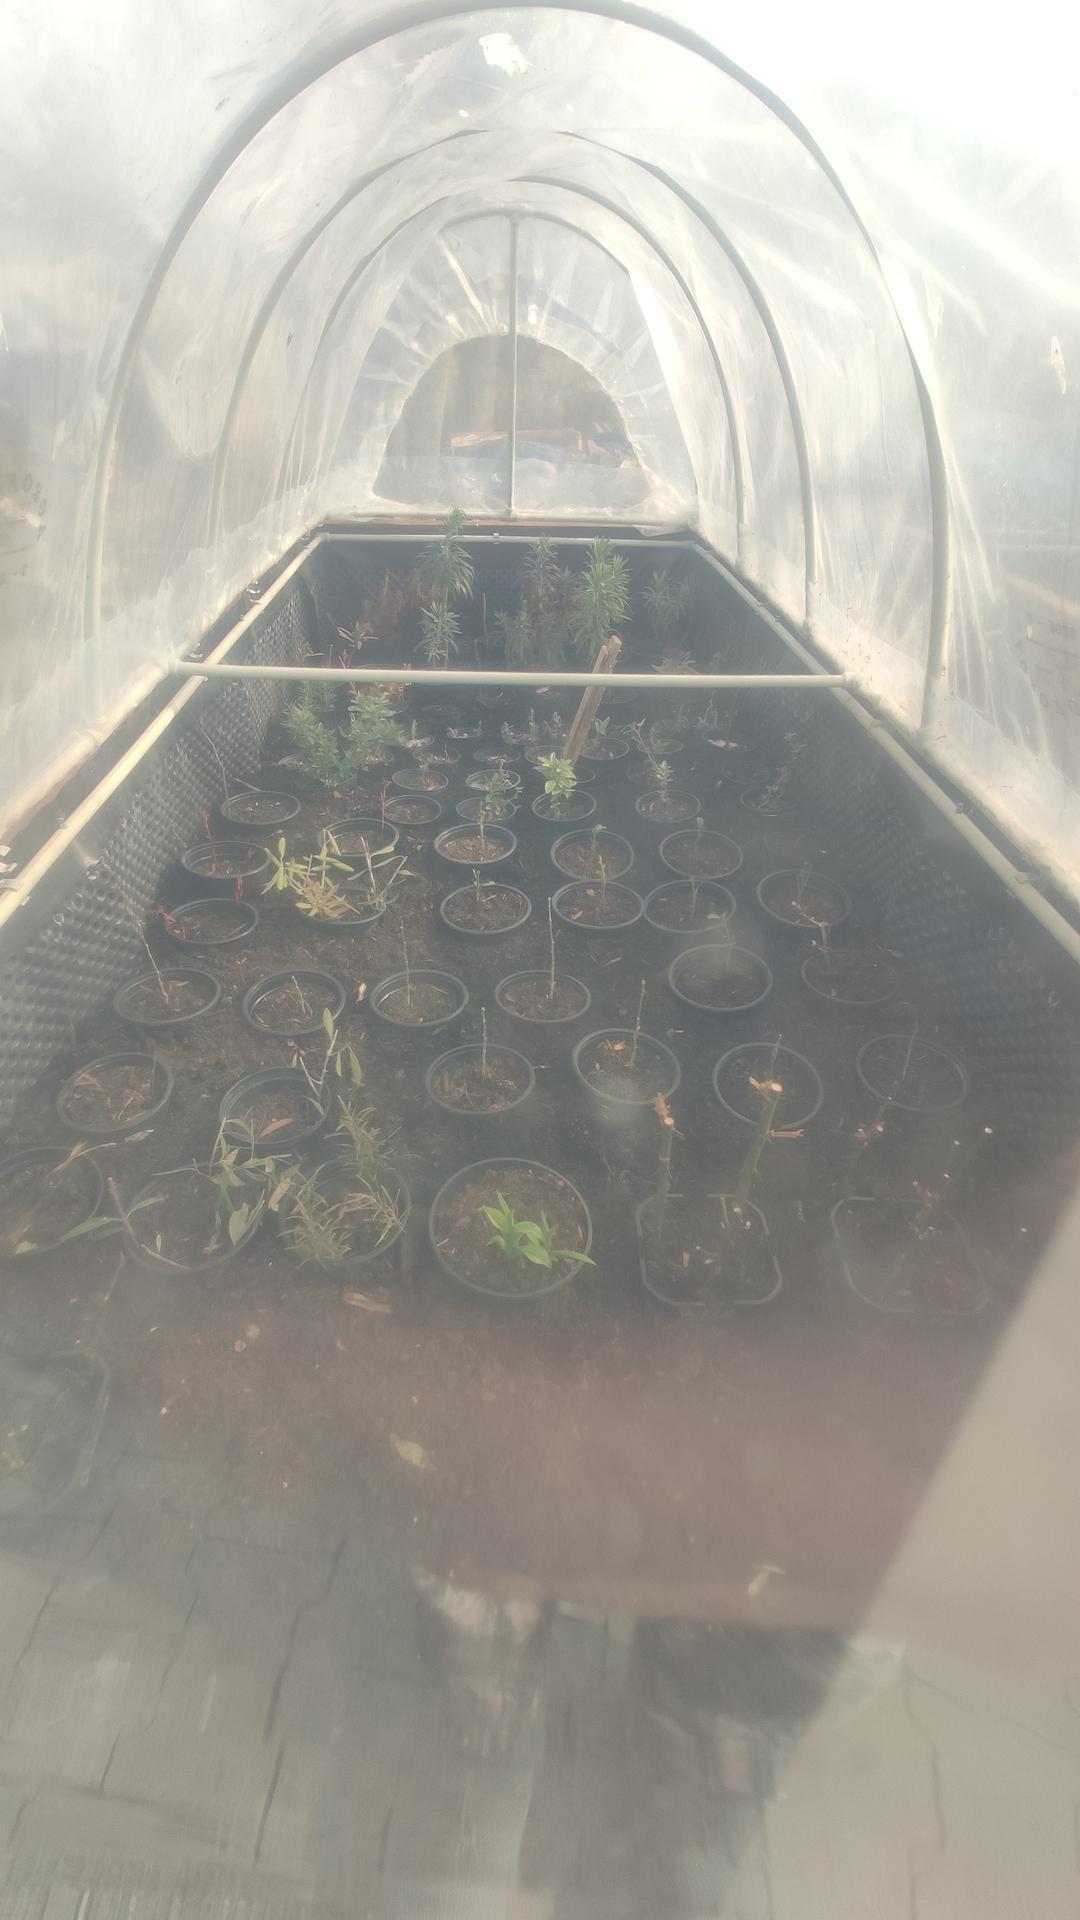 Vyvýšené záhony a úžitková záhrada - sezóna 2021 ... príprava, sadenie, starostlivosť - Obrázok č. 19